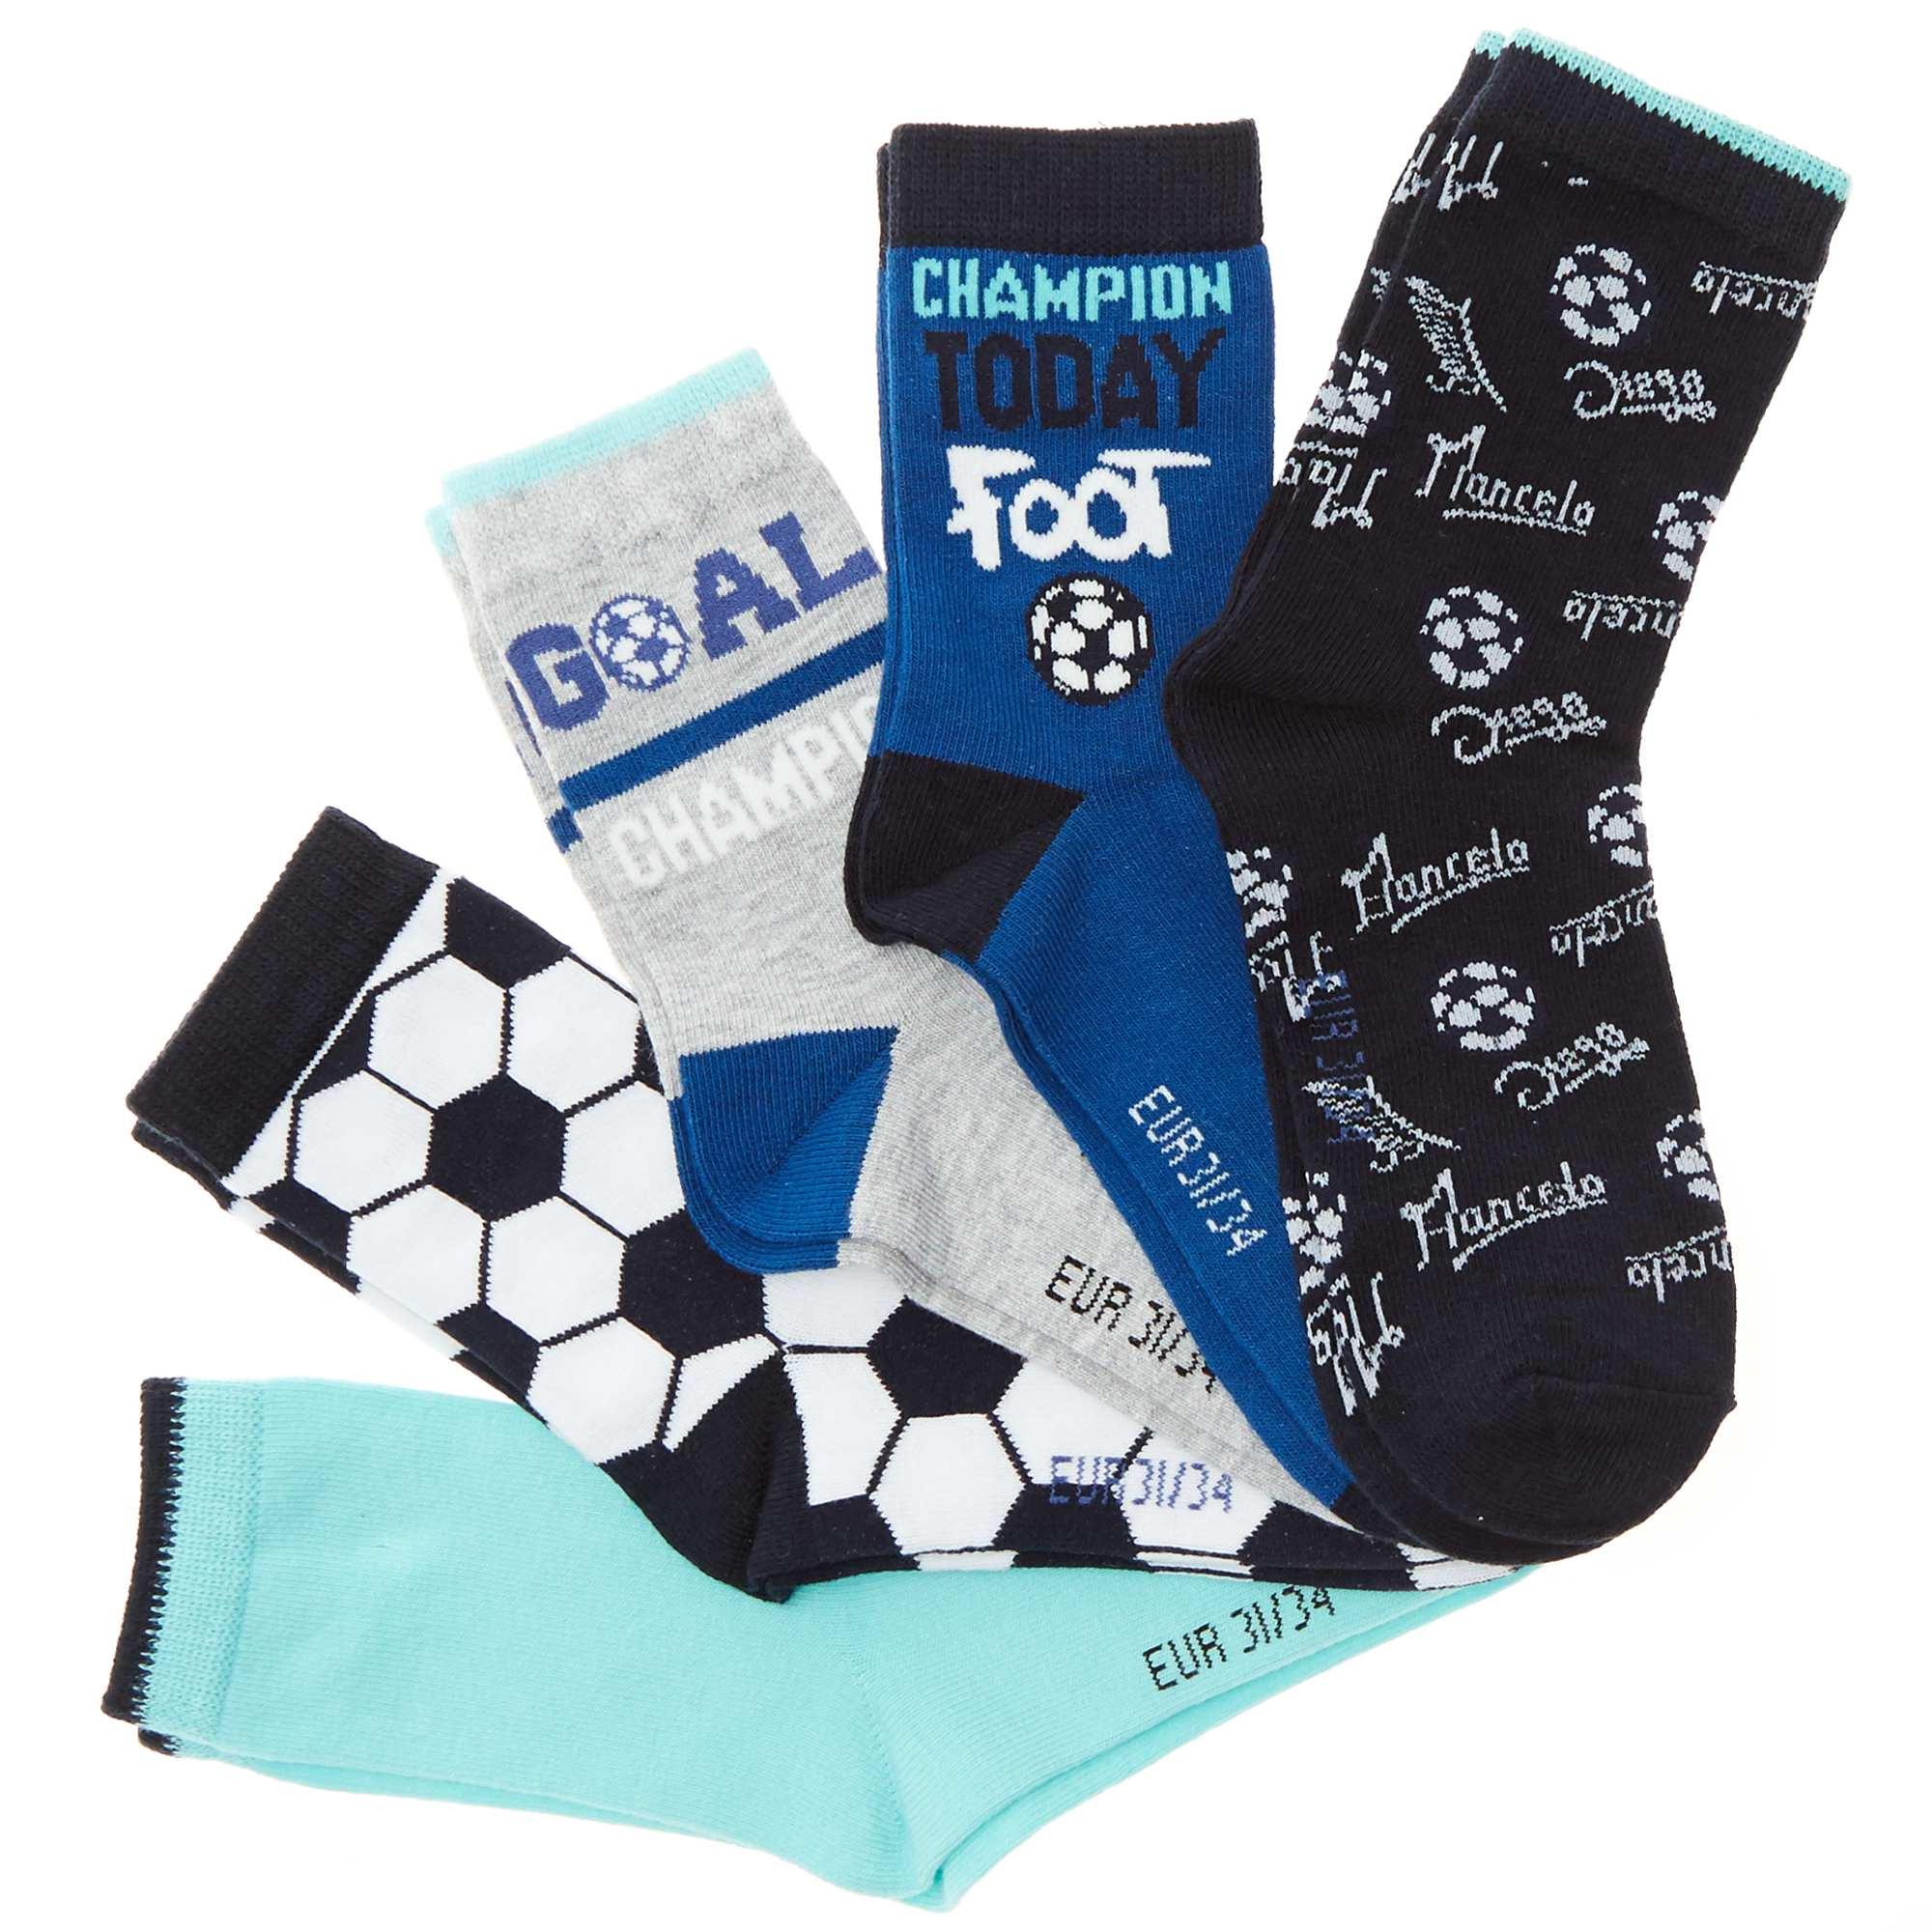 Couleur : bleu/gris, , ,, - Taille : 35/38, 23/26, ,,Lot de 5 paires de chaussettes 'Foot' - 2 paires imprimées all-over - 2 paires